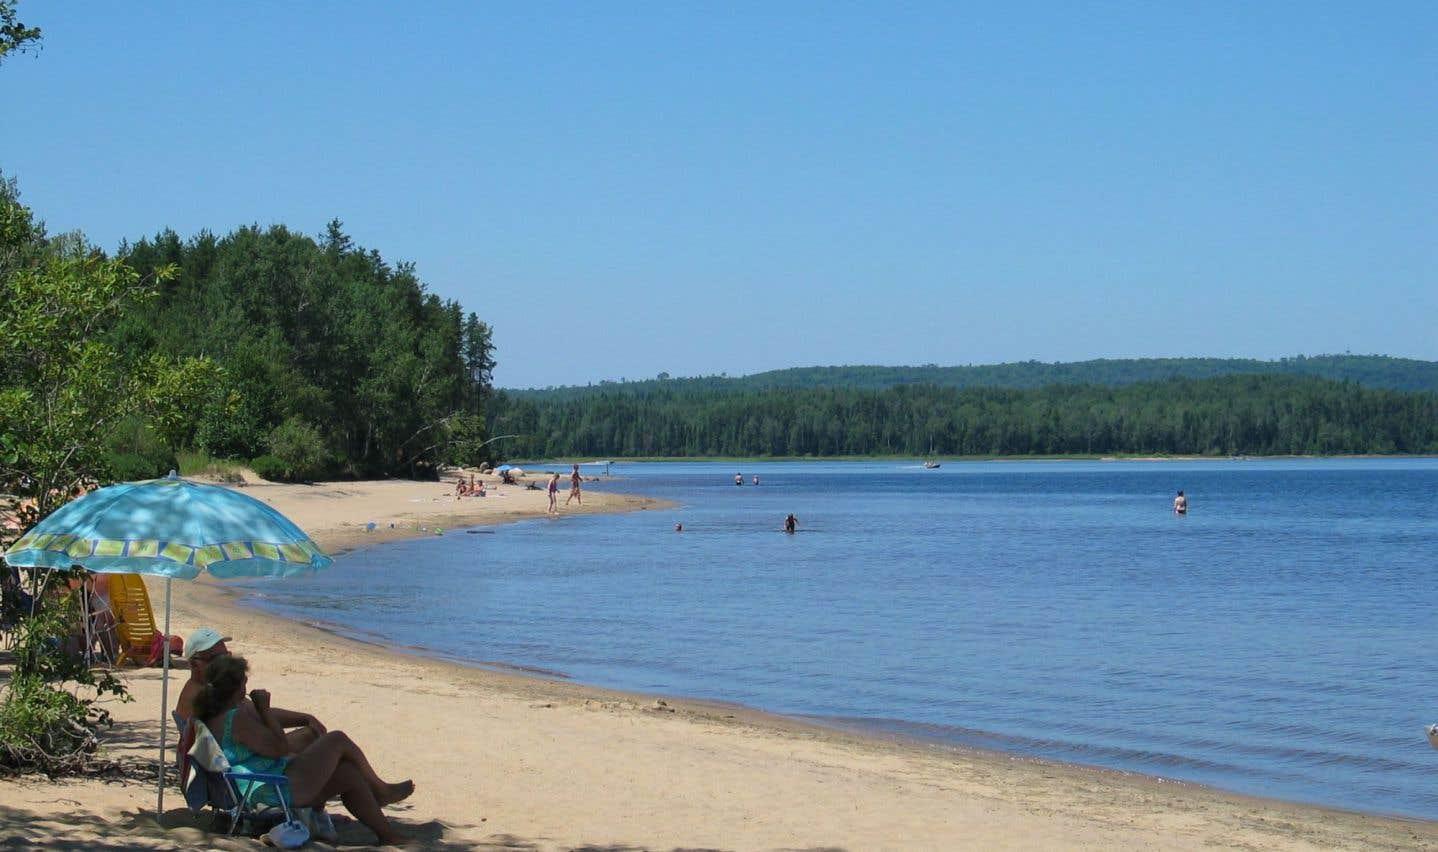 Les grandes plages de sable doré attirent un grand nombre de villégiateurs au nord de Saint-Michel-des-Saints, dans Lanaudière.